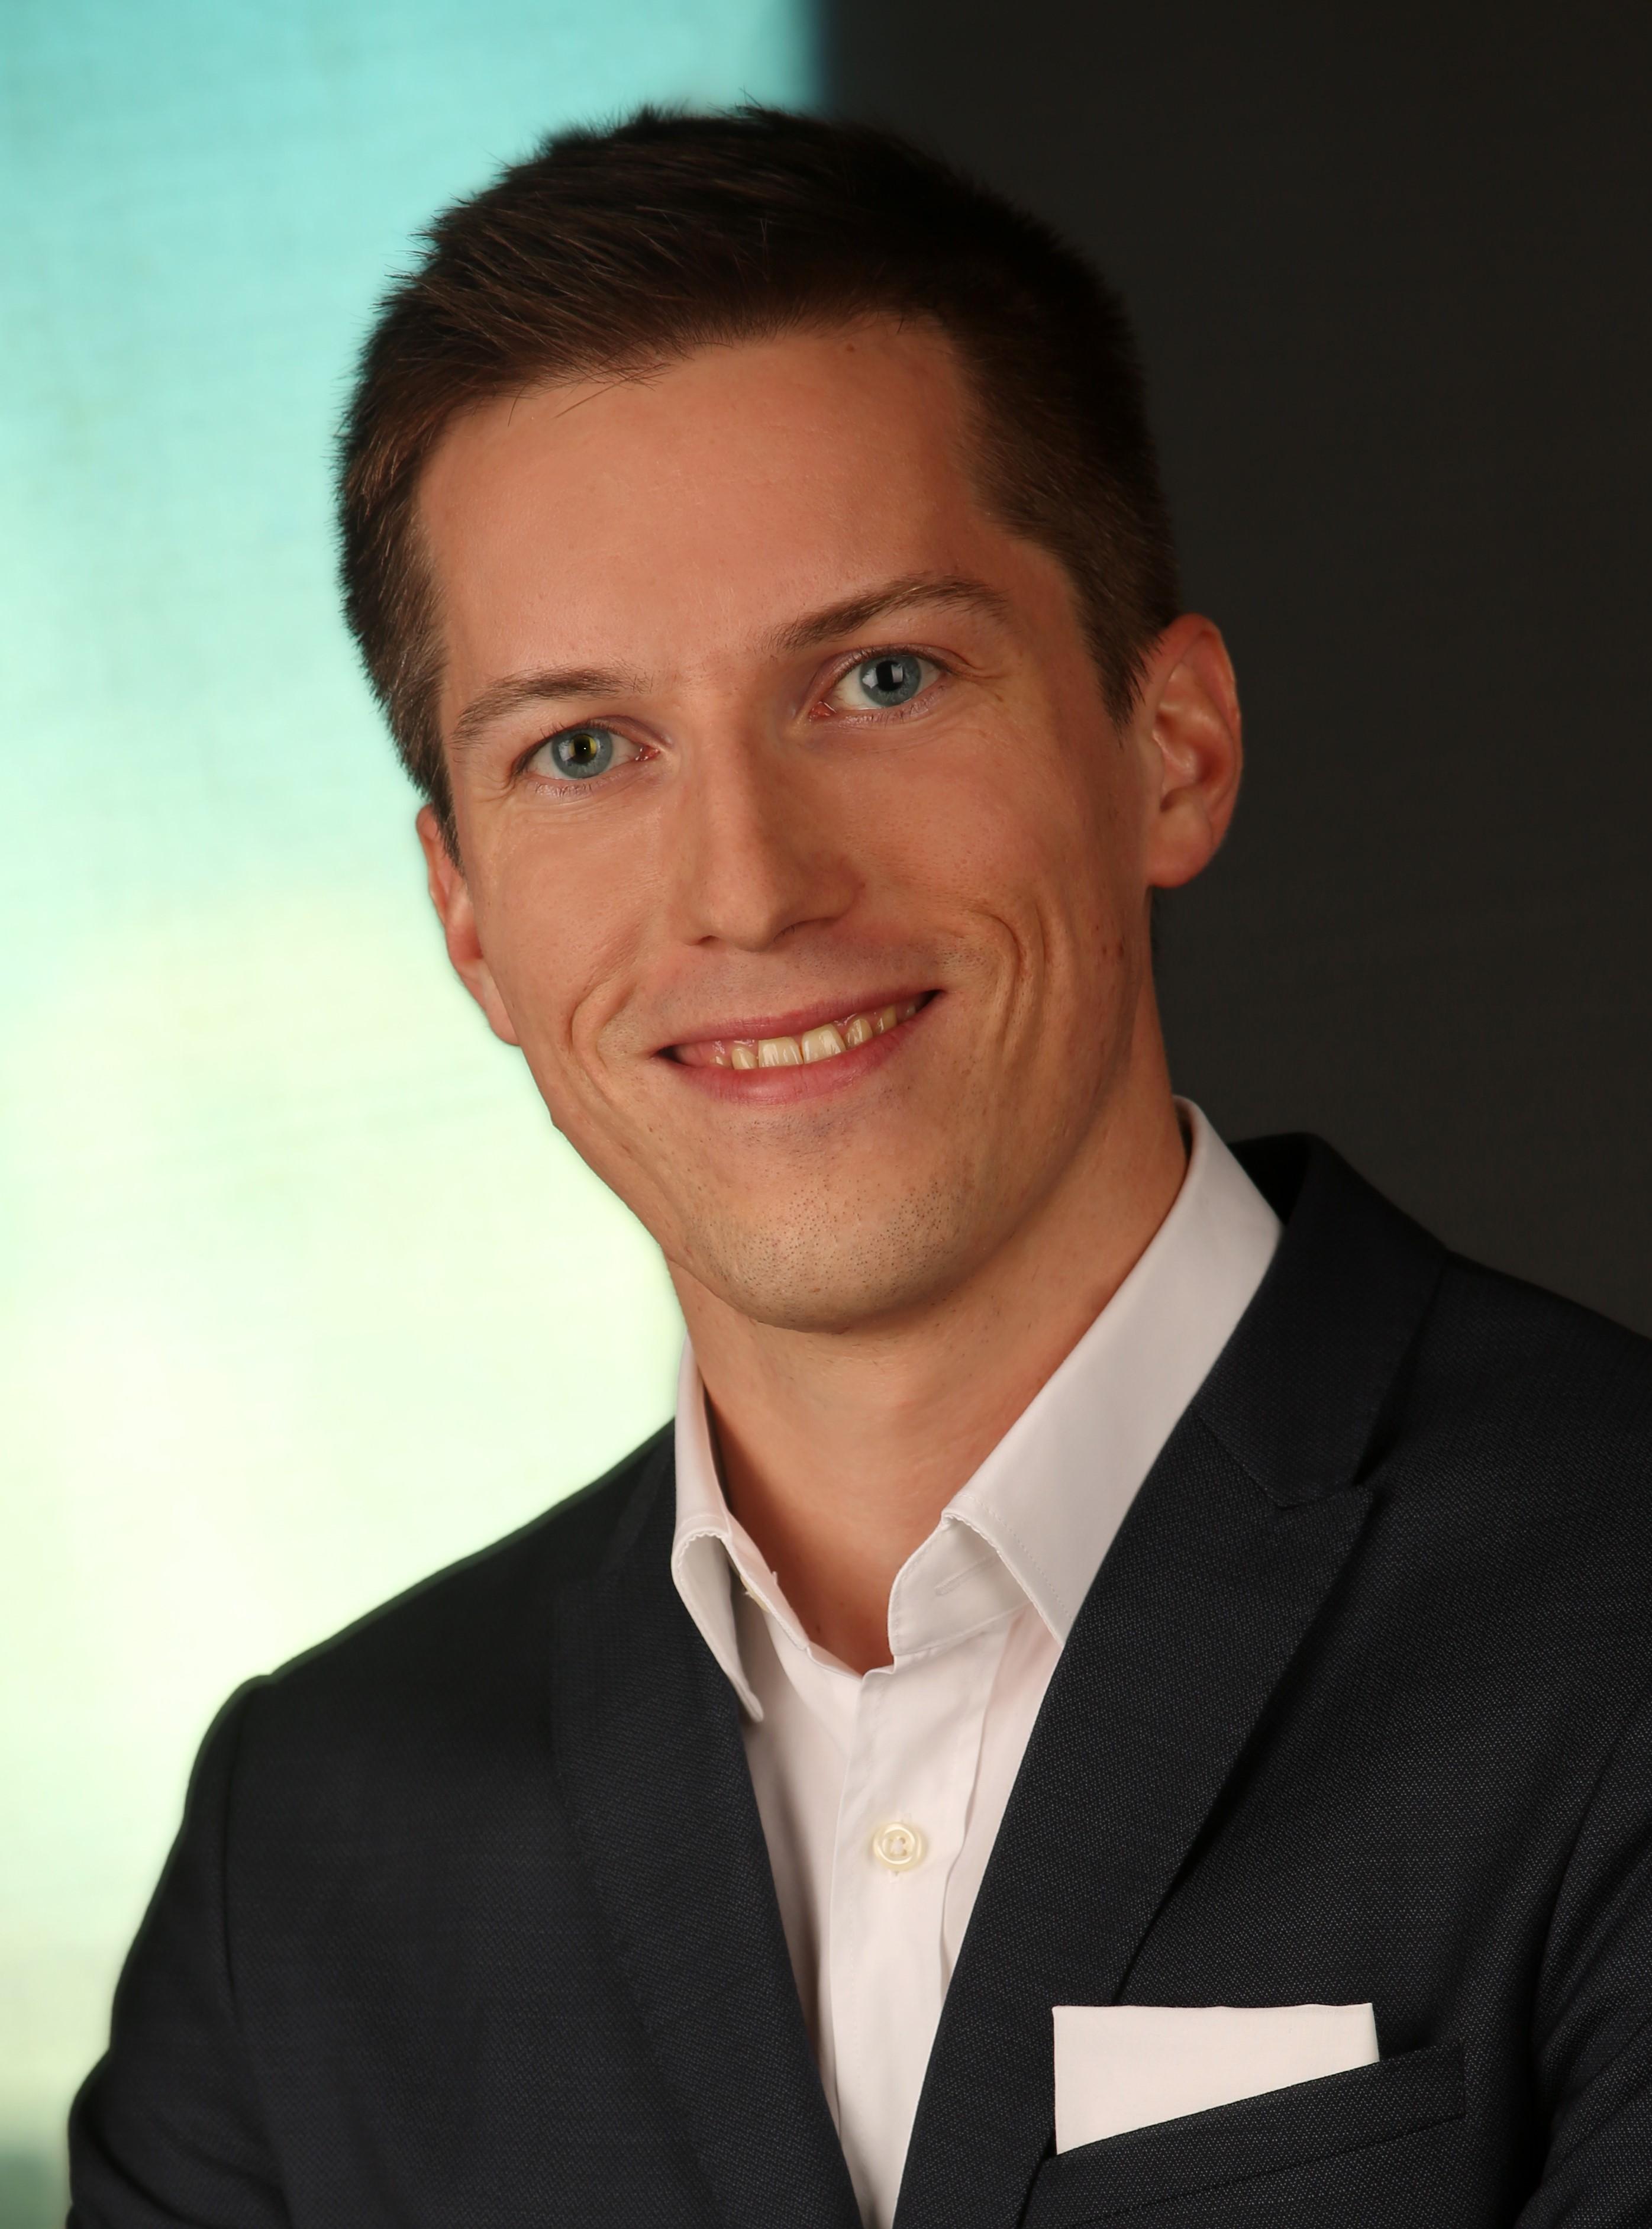 Lukas Koch